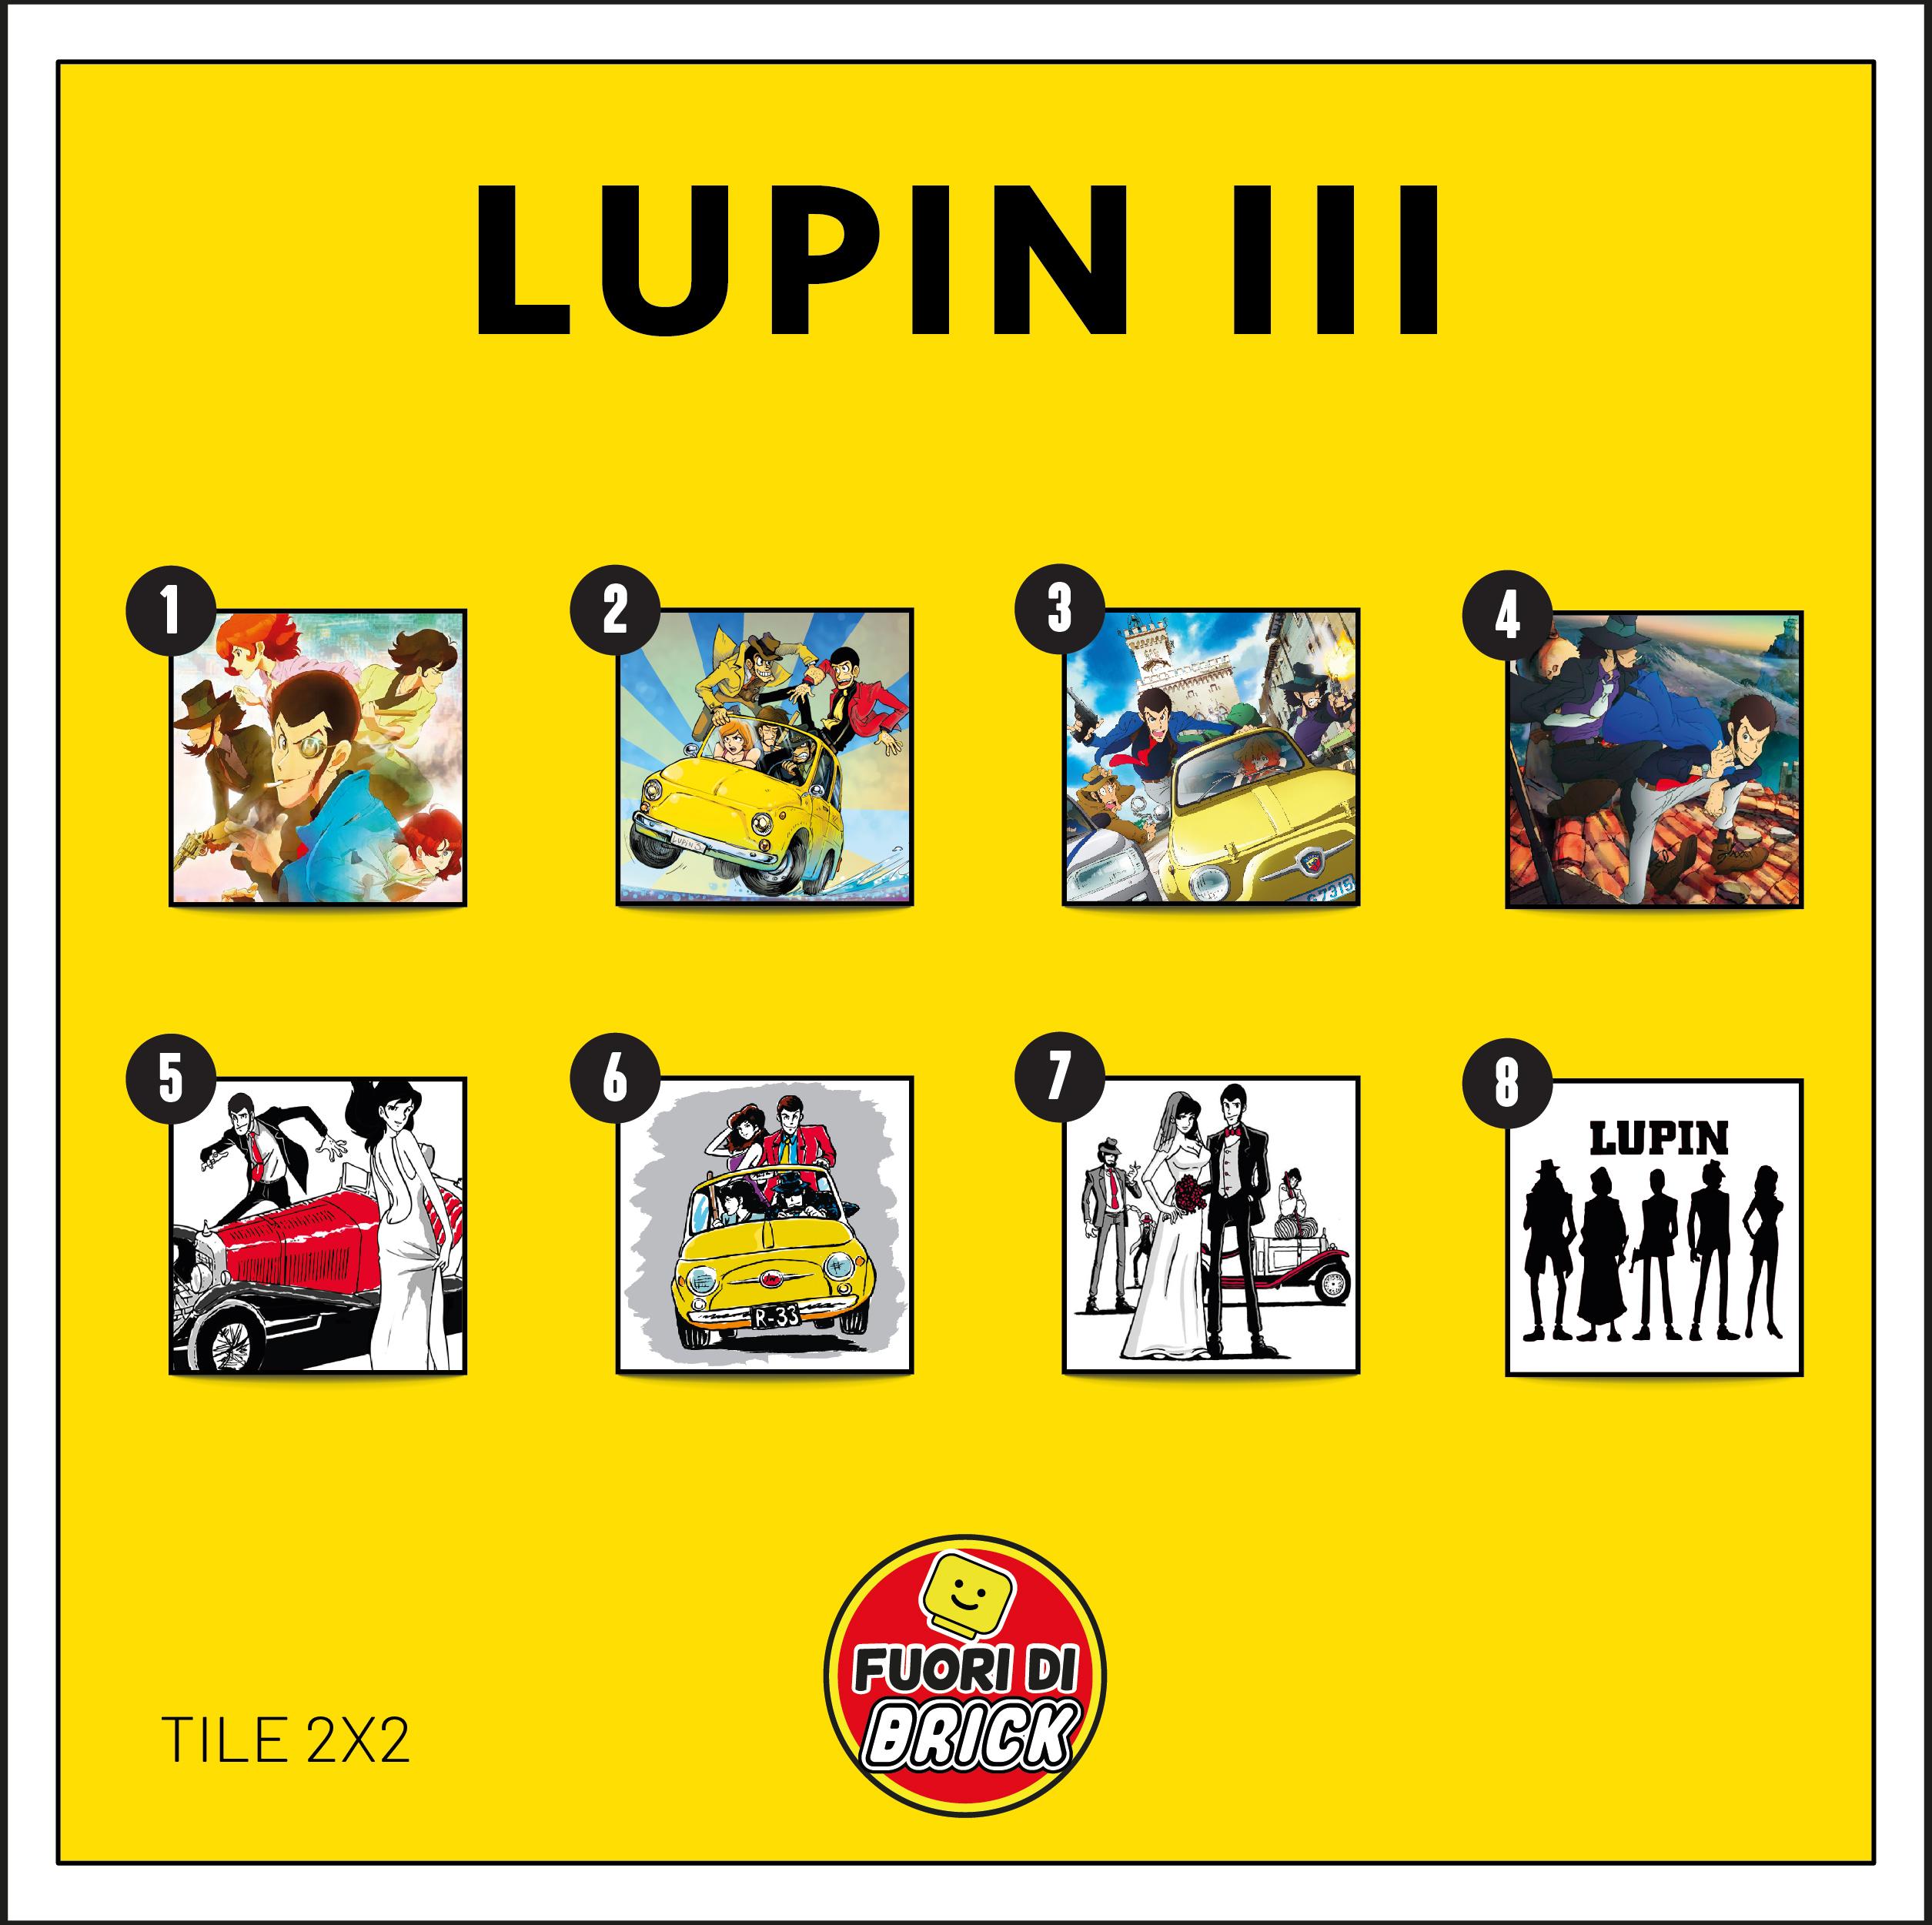 TILE 2X2_LUPIN III